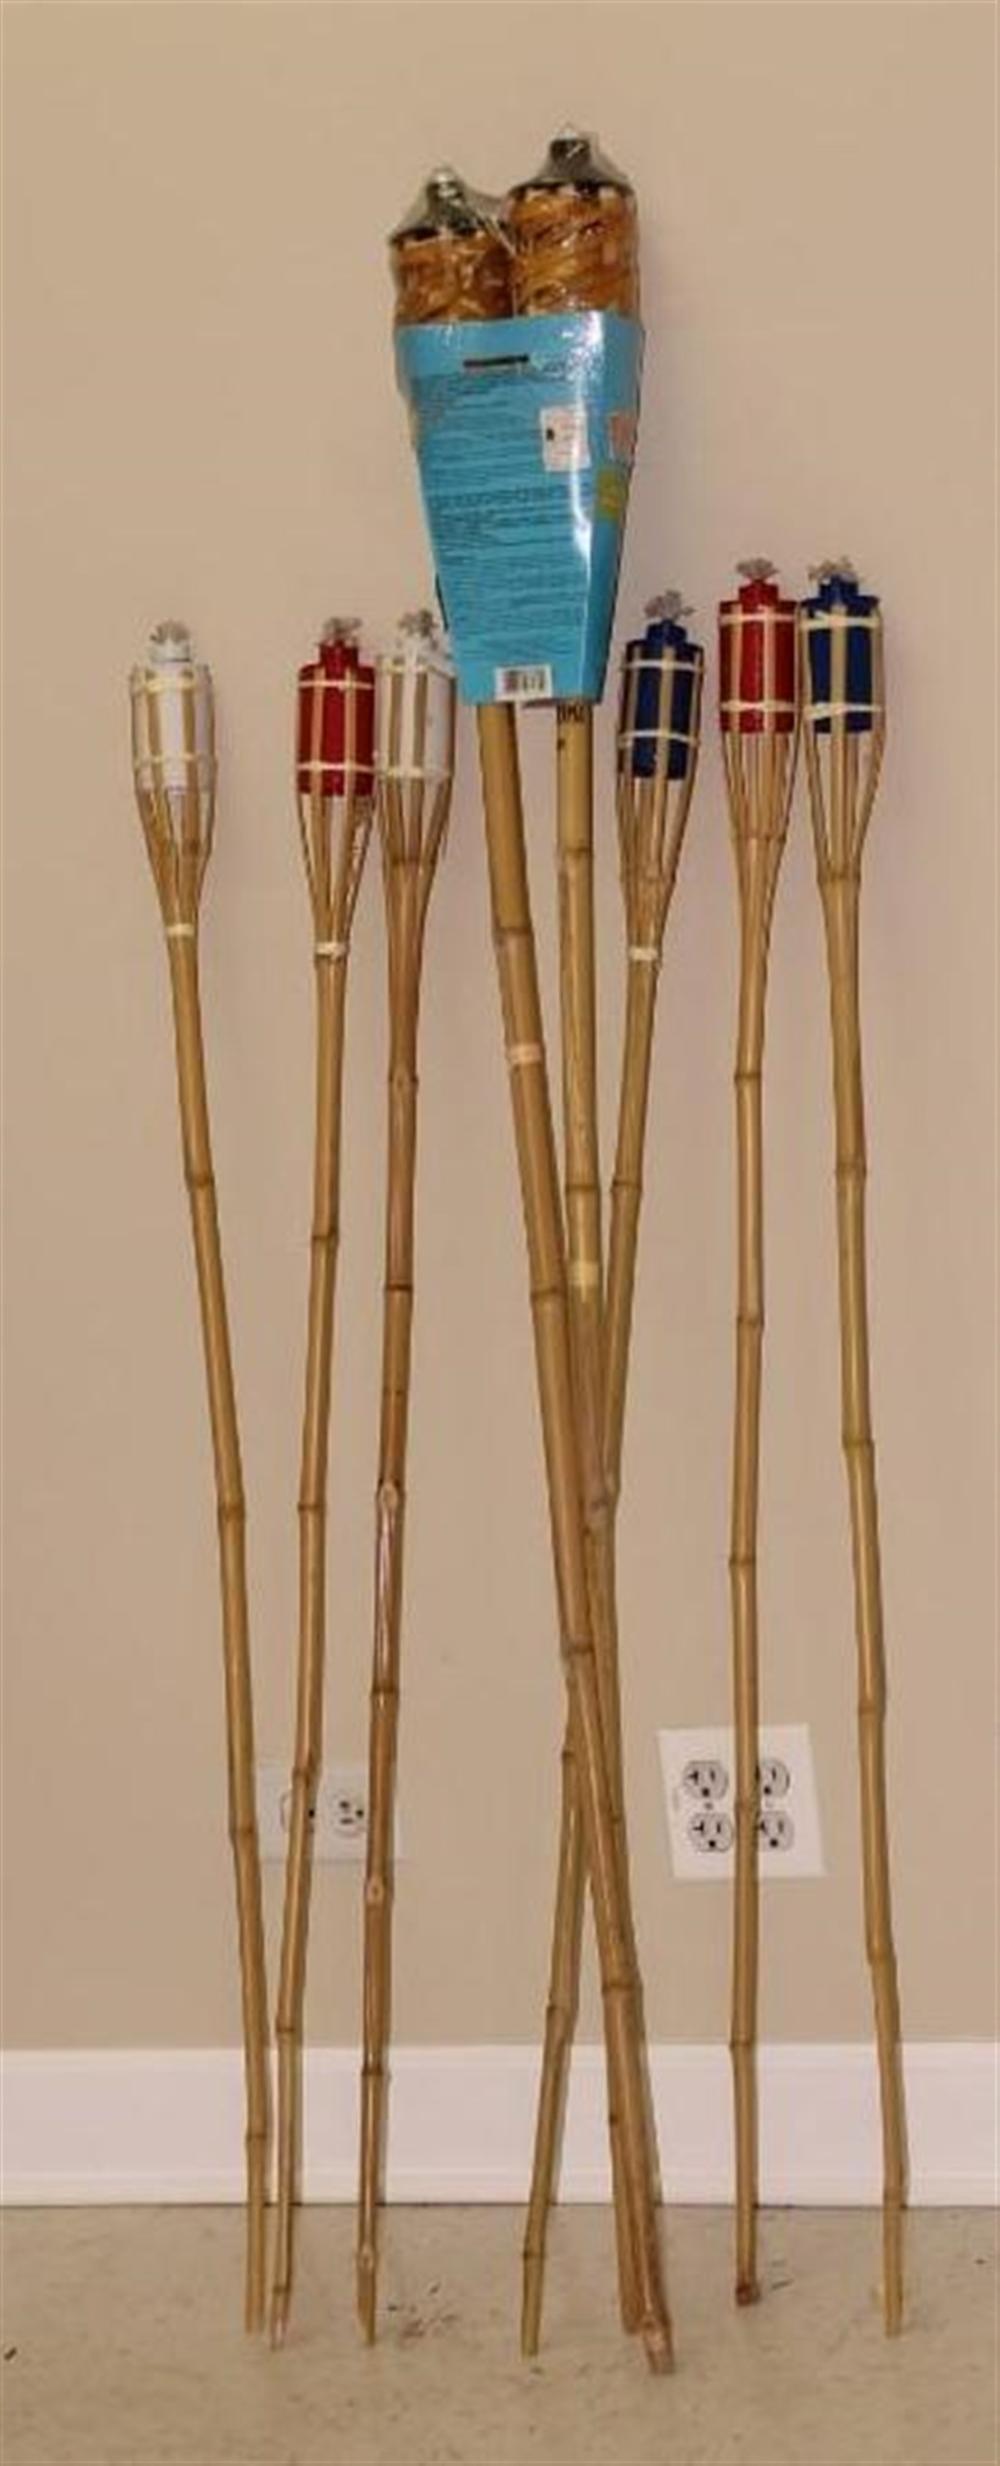 8 Tiki Torches